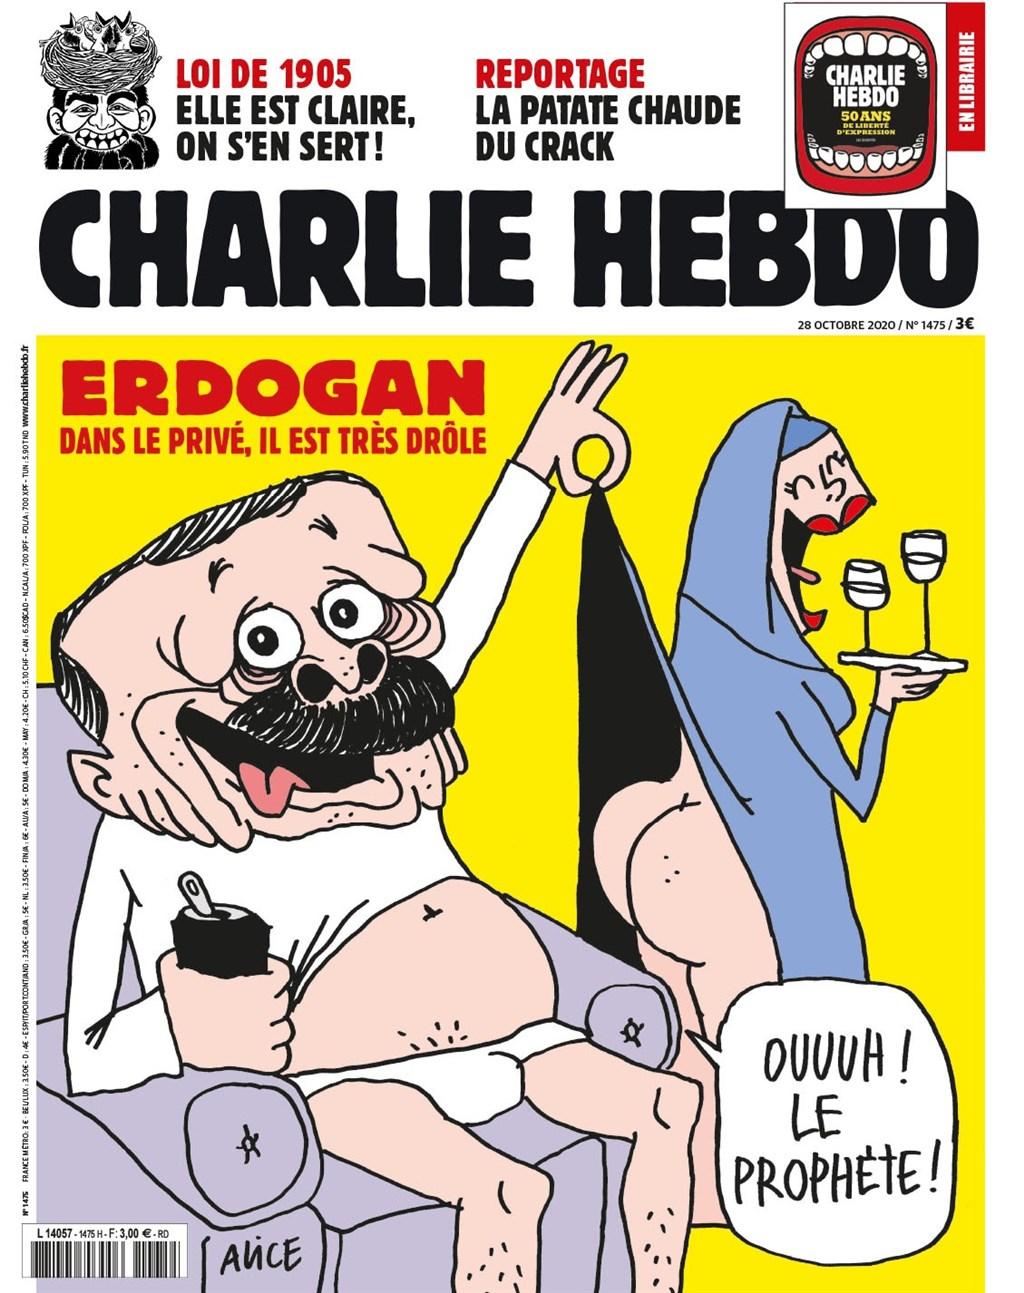 嘲諷刊物「查理週刊」最新一期封面刊登漫畫嘲諷土耳其總統艾爾段,為土耳其和法國緊張的外交關係雪上加霜。(圖取自facebook.com/CharlieHebdoOfficiel)